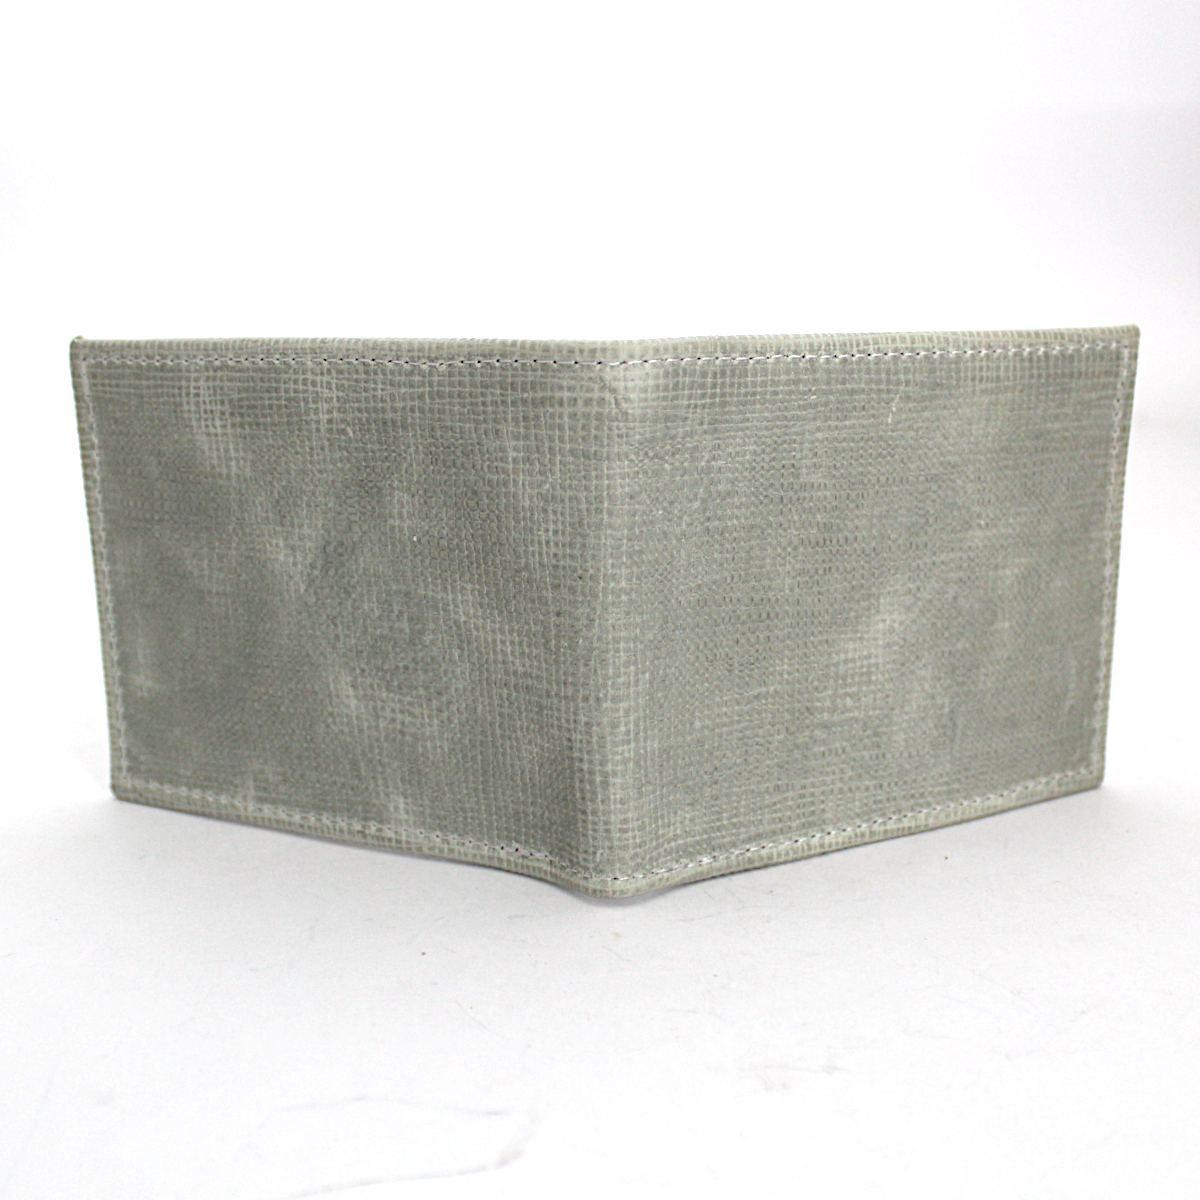 Ръчно изработен светлосив мъжки портфейл отзад